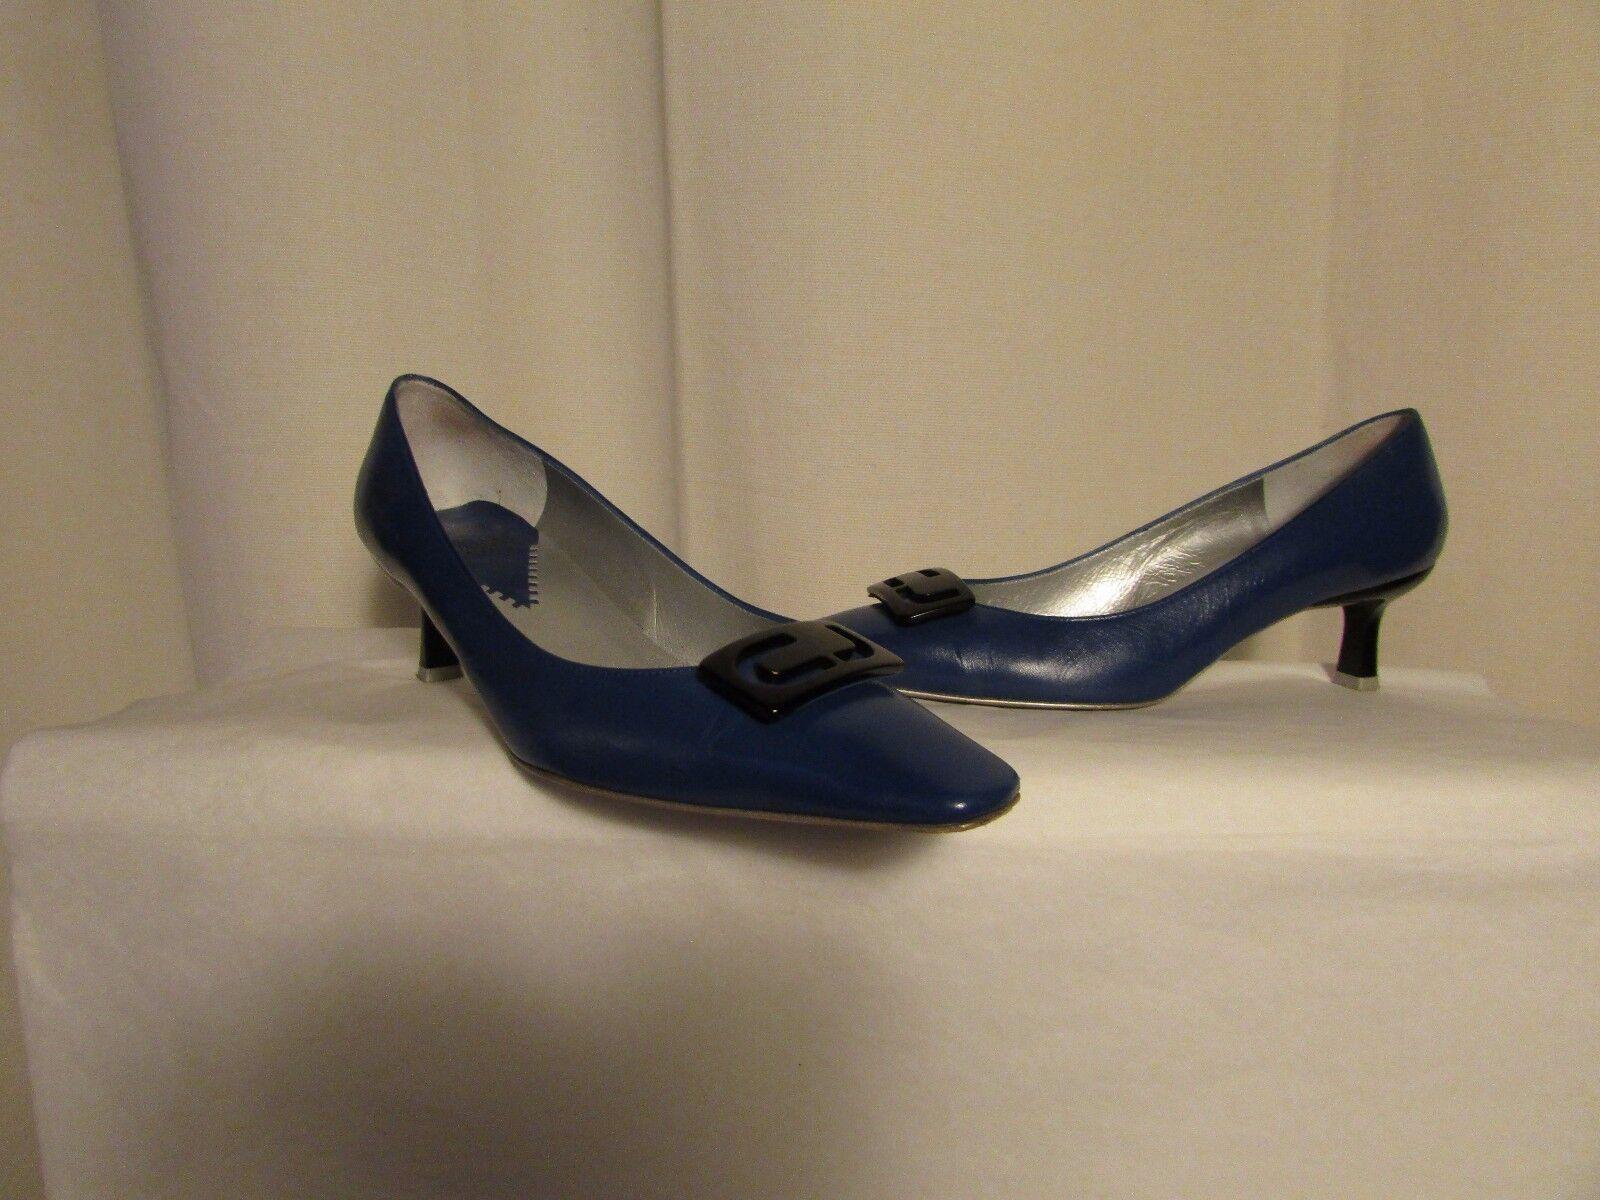 escarpins Charles JOURDAN cuir bleu pointure 6,5B 6,5B 6,5B a34d8e